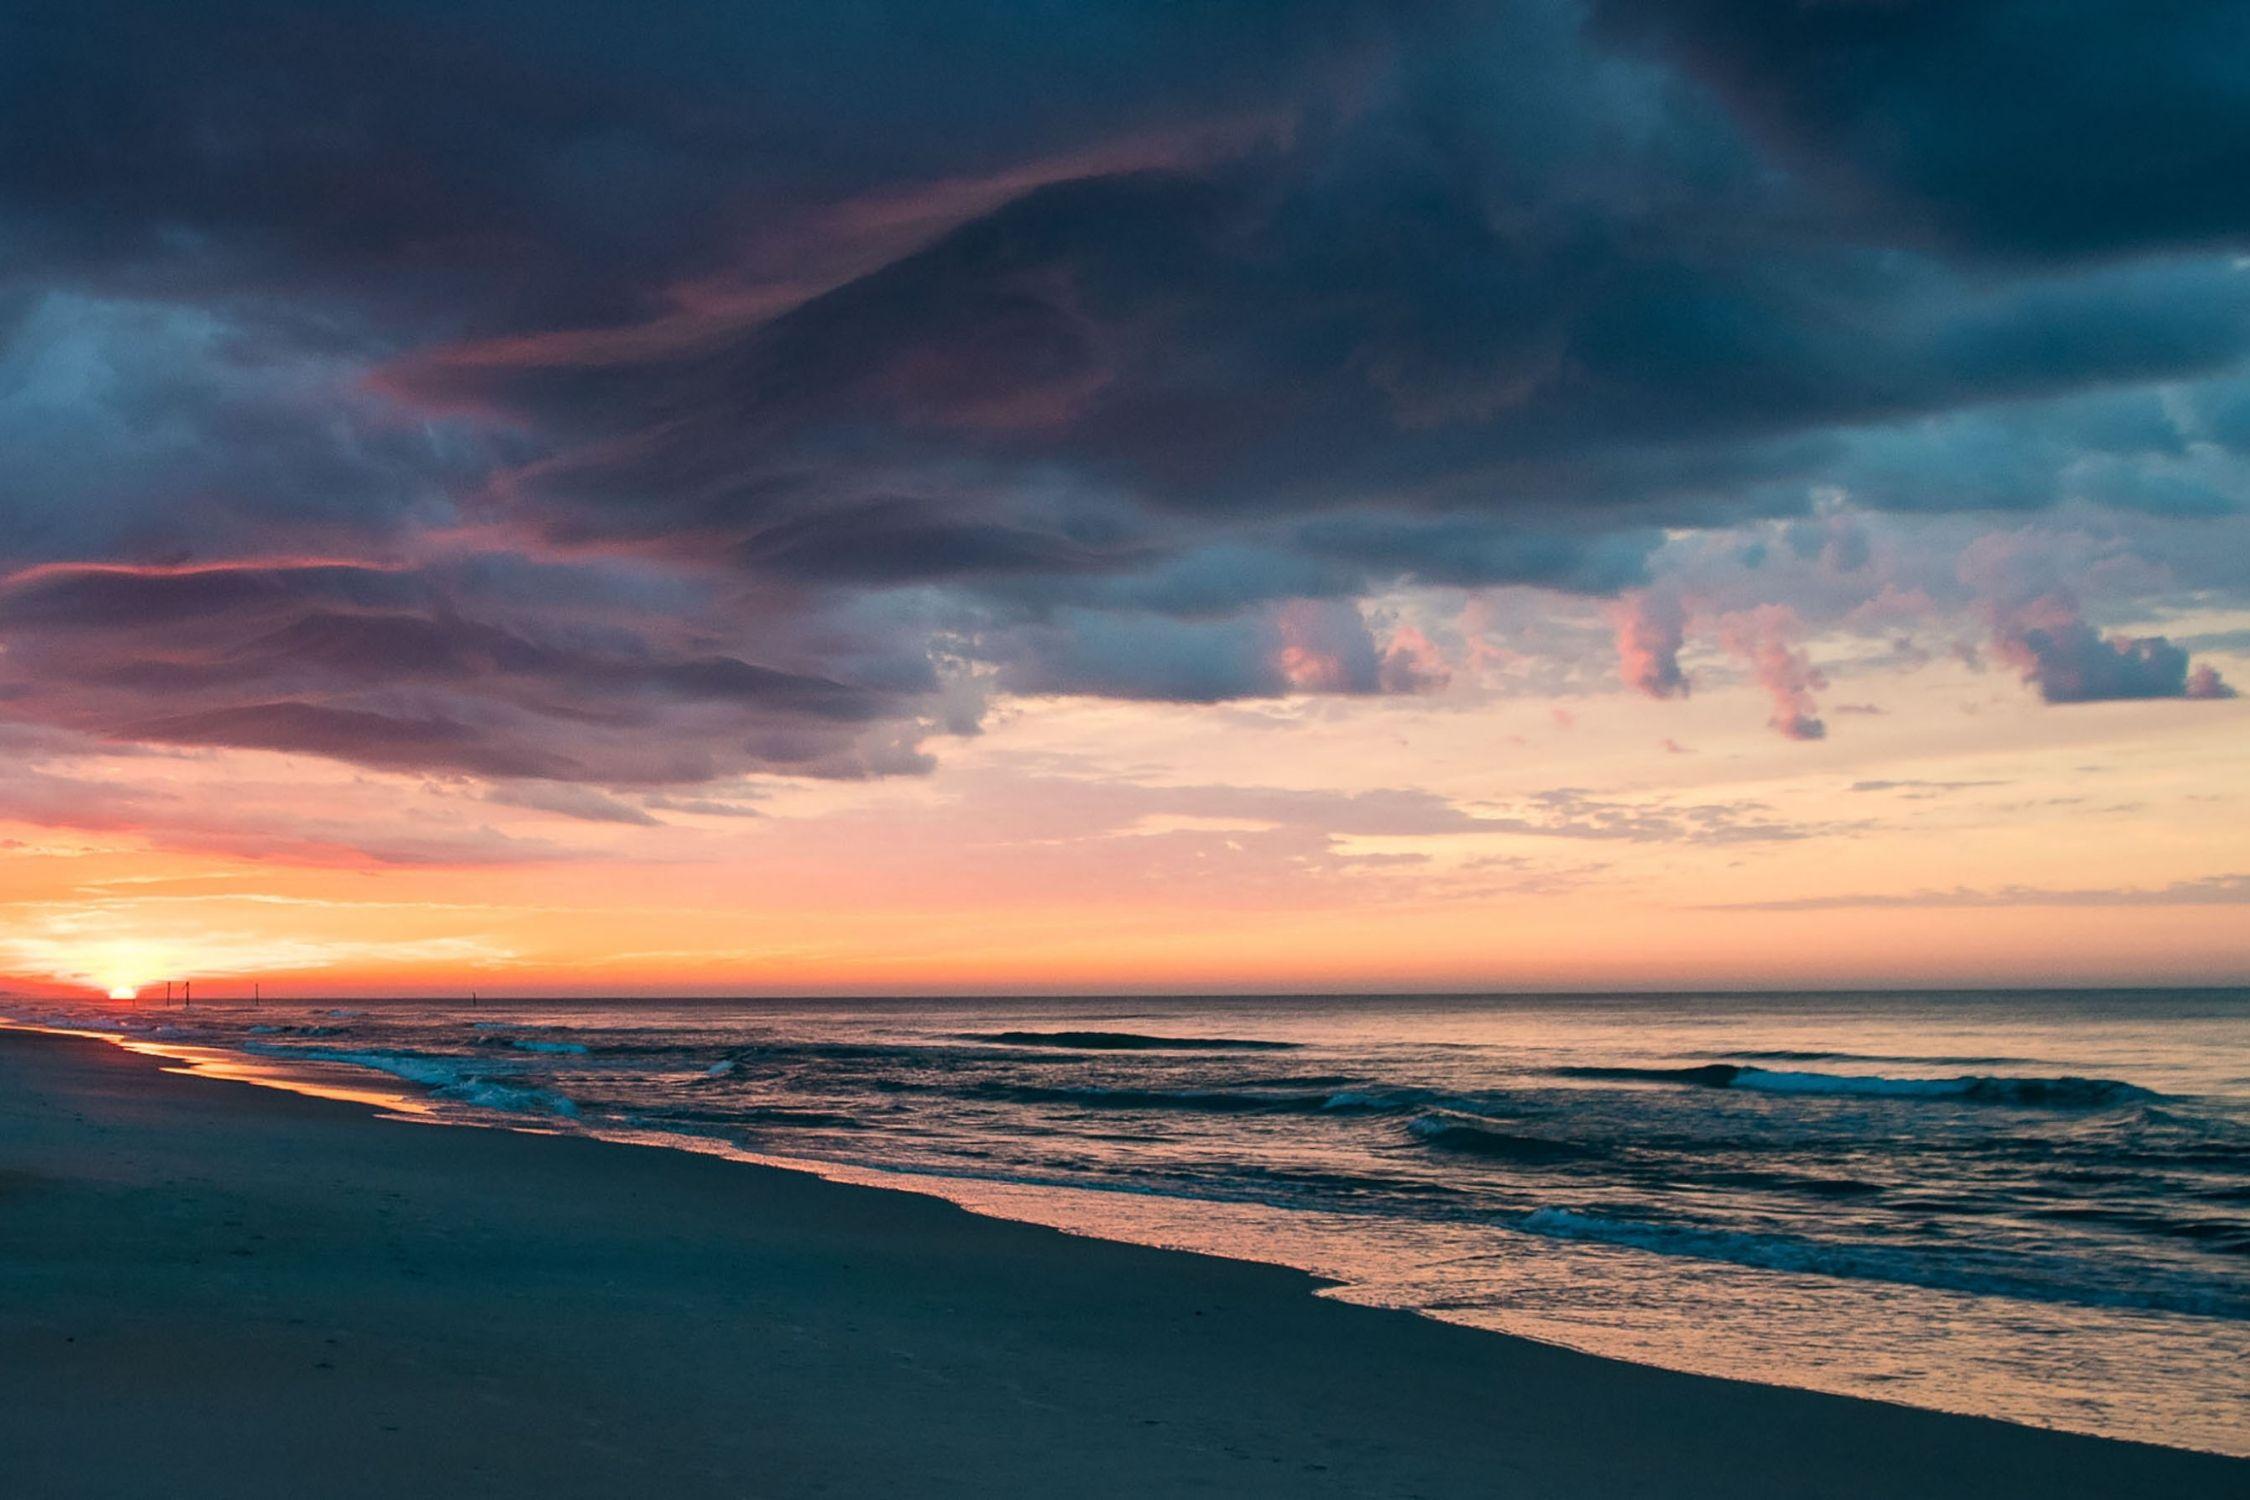 Sunrise on North Topsail